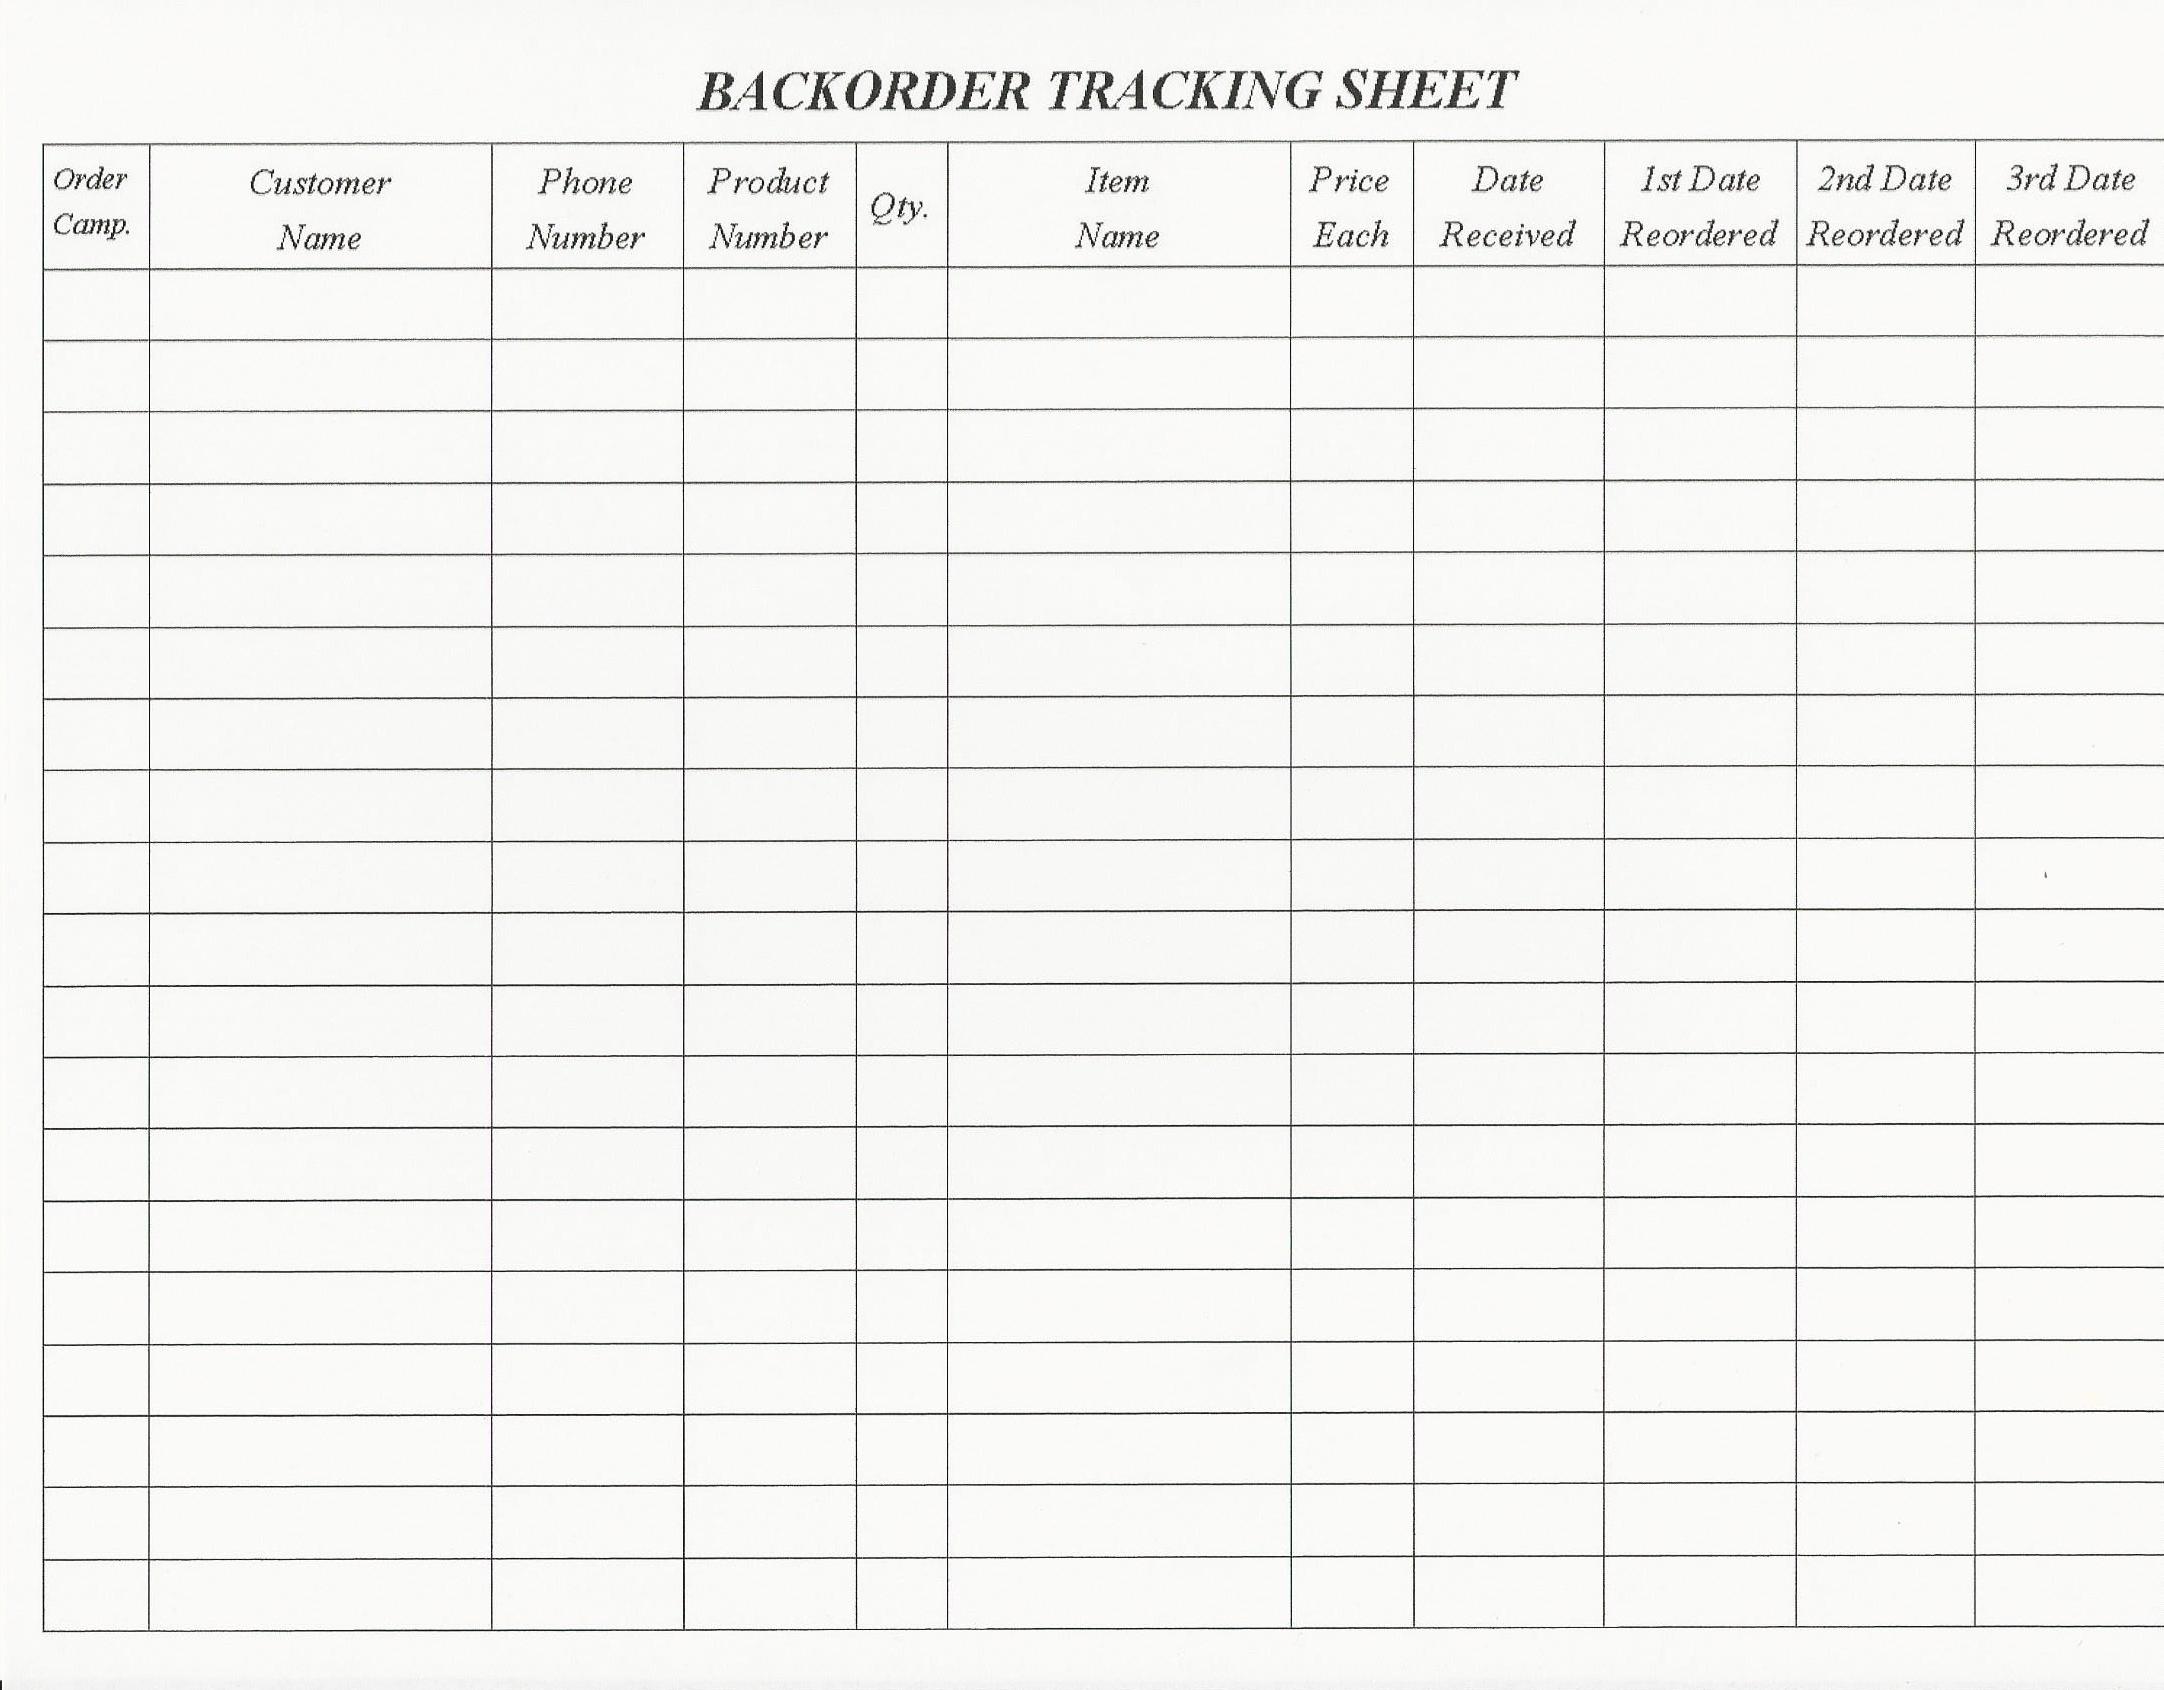 Backorder Tracking Sheet 2 164 1 690 Pixels